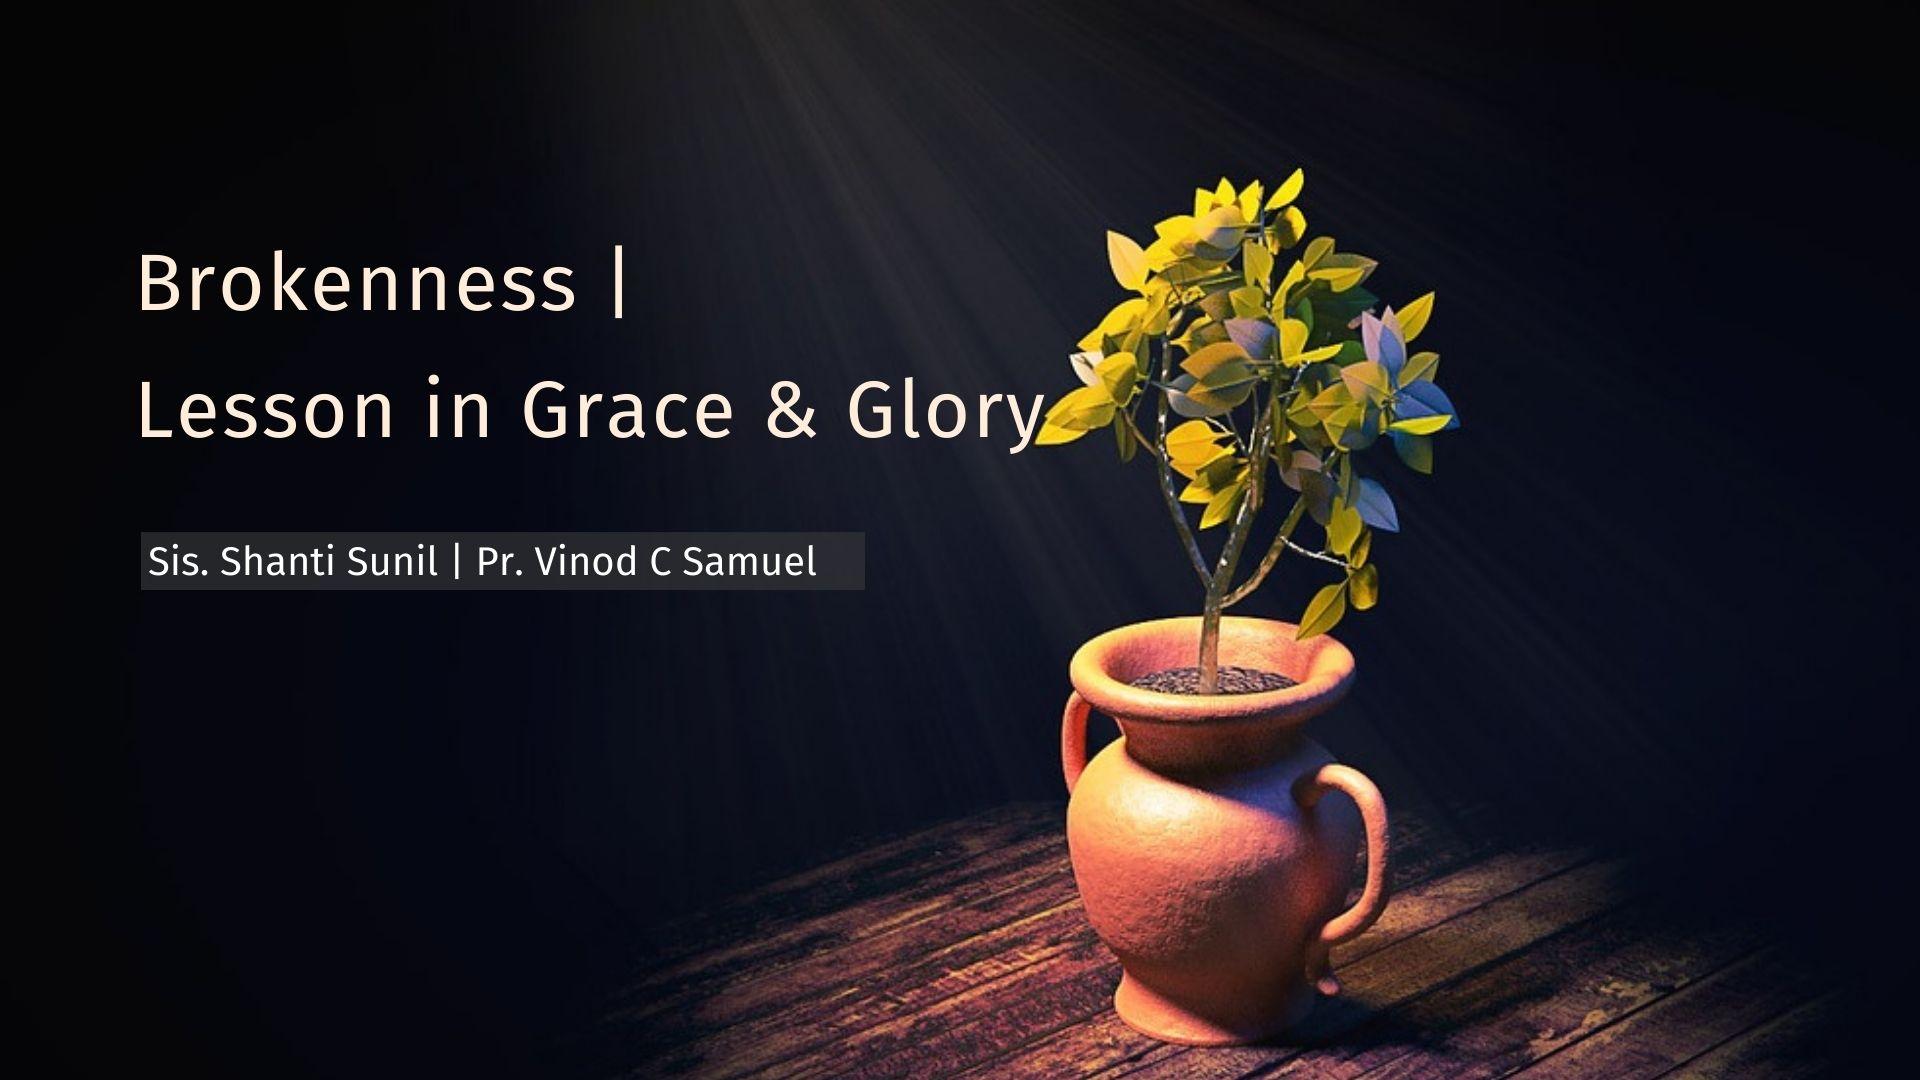 Brokenness   Lesson in Grace & GLory <br/> Sis. Shanti Sunil & Pr. Vinod C Samuel